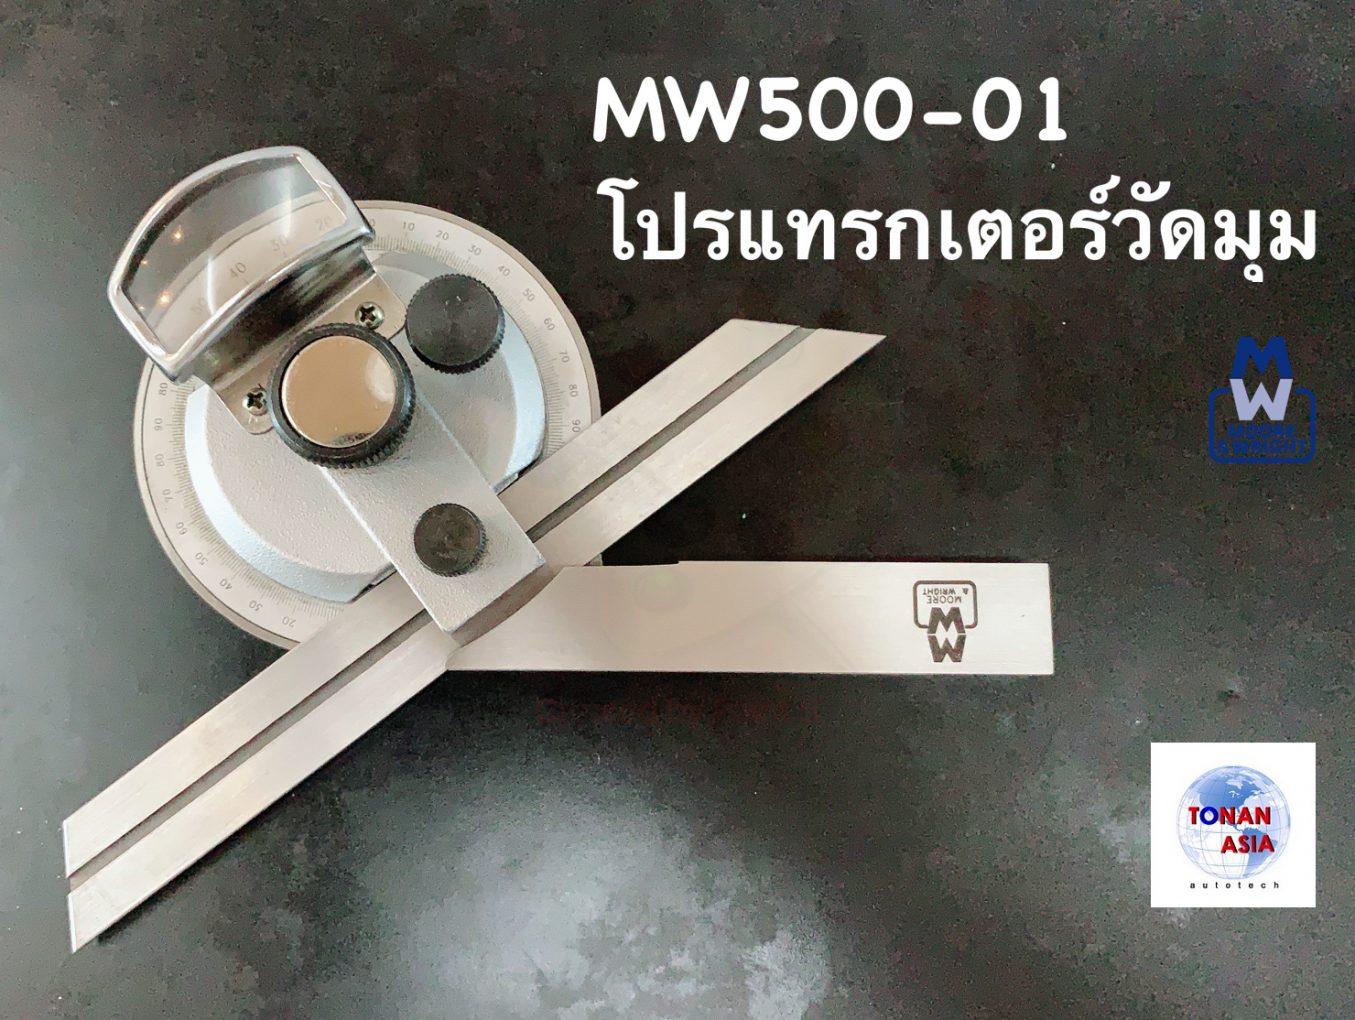 การใช้งาน โปรแทรกเตอร์วัดมุม Universal Bevel Protractor MW500-01 Moore&Wright